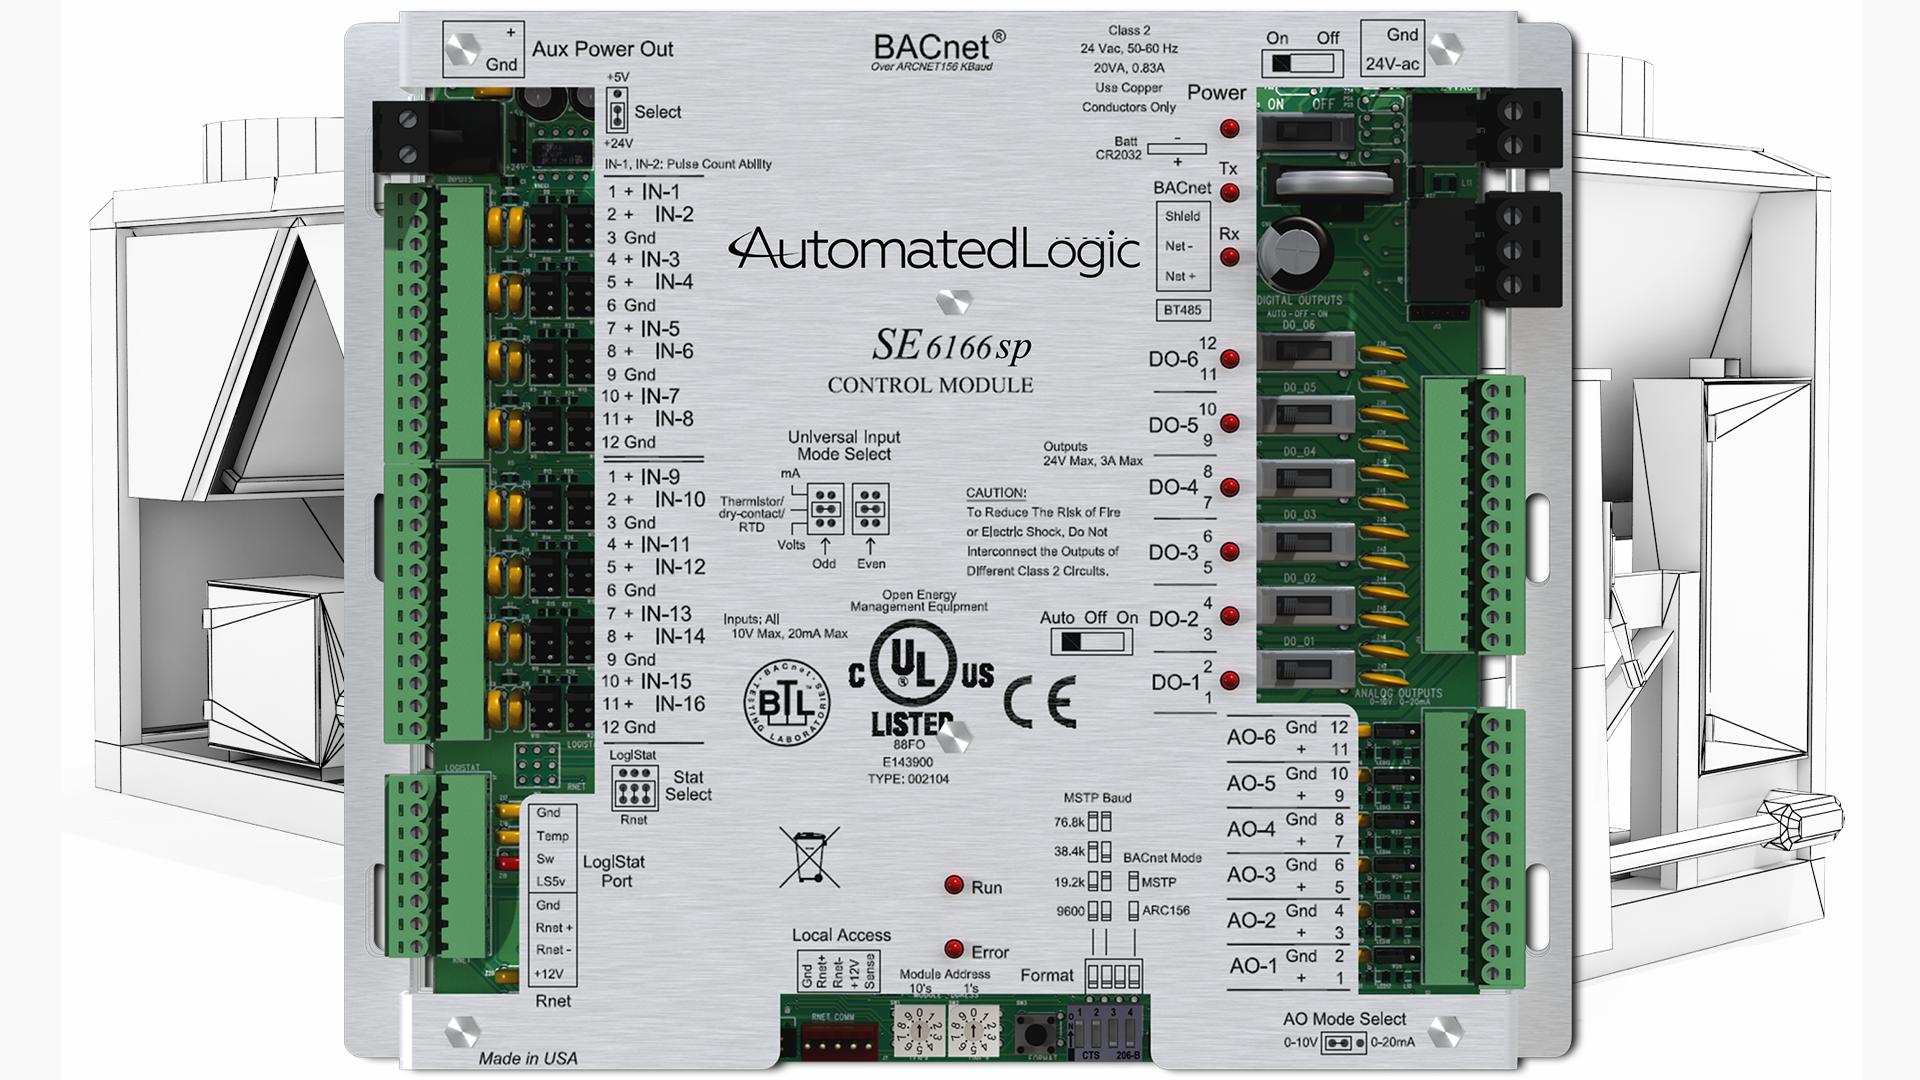 SE6166sp-equipment-controller